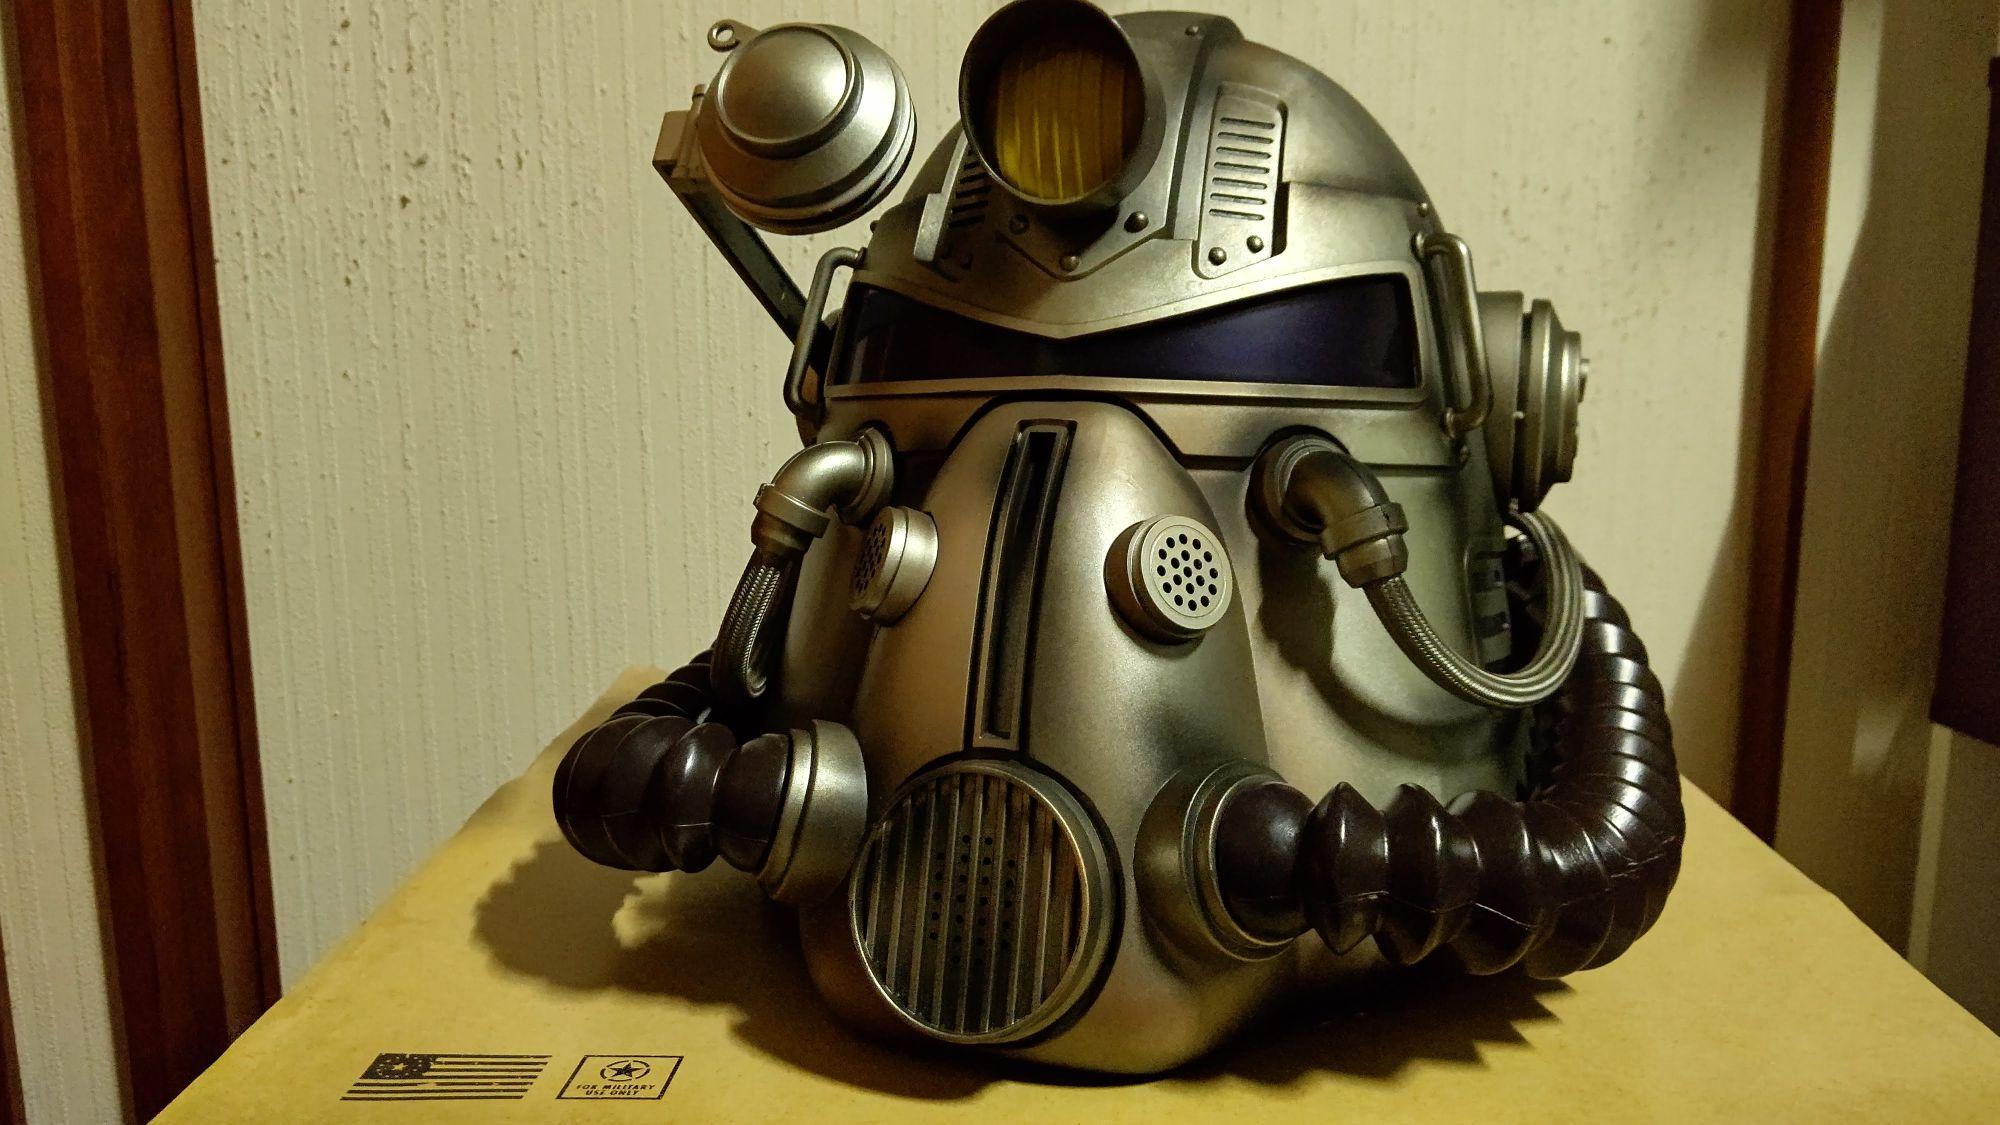 家に届いた「Fallout 76 Power Armor Edition (パワーアーマーエディション) 」のT51パワーアーマーヘルメット